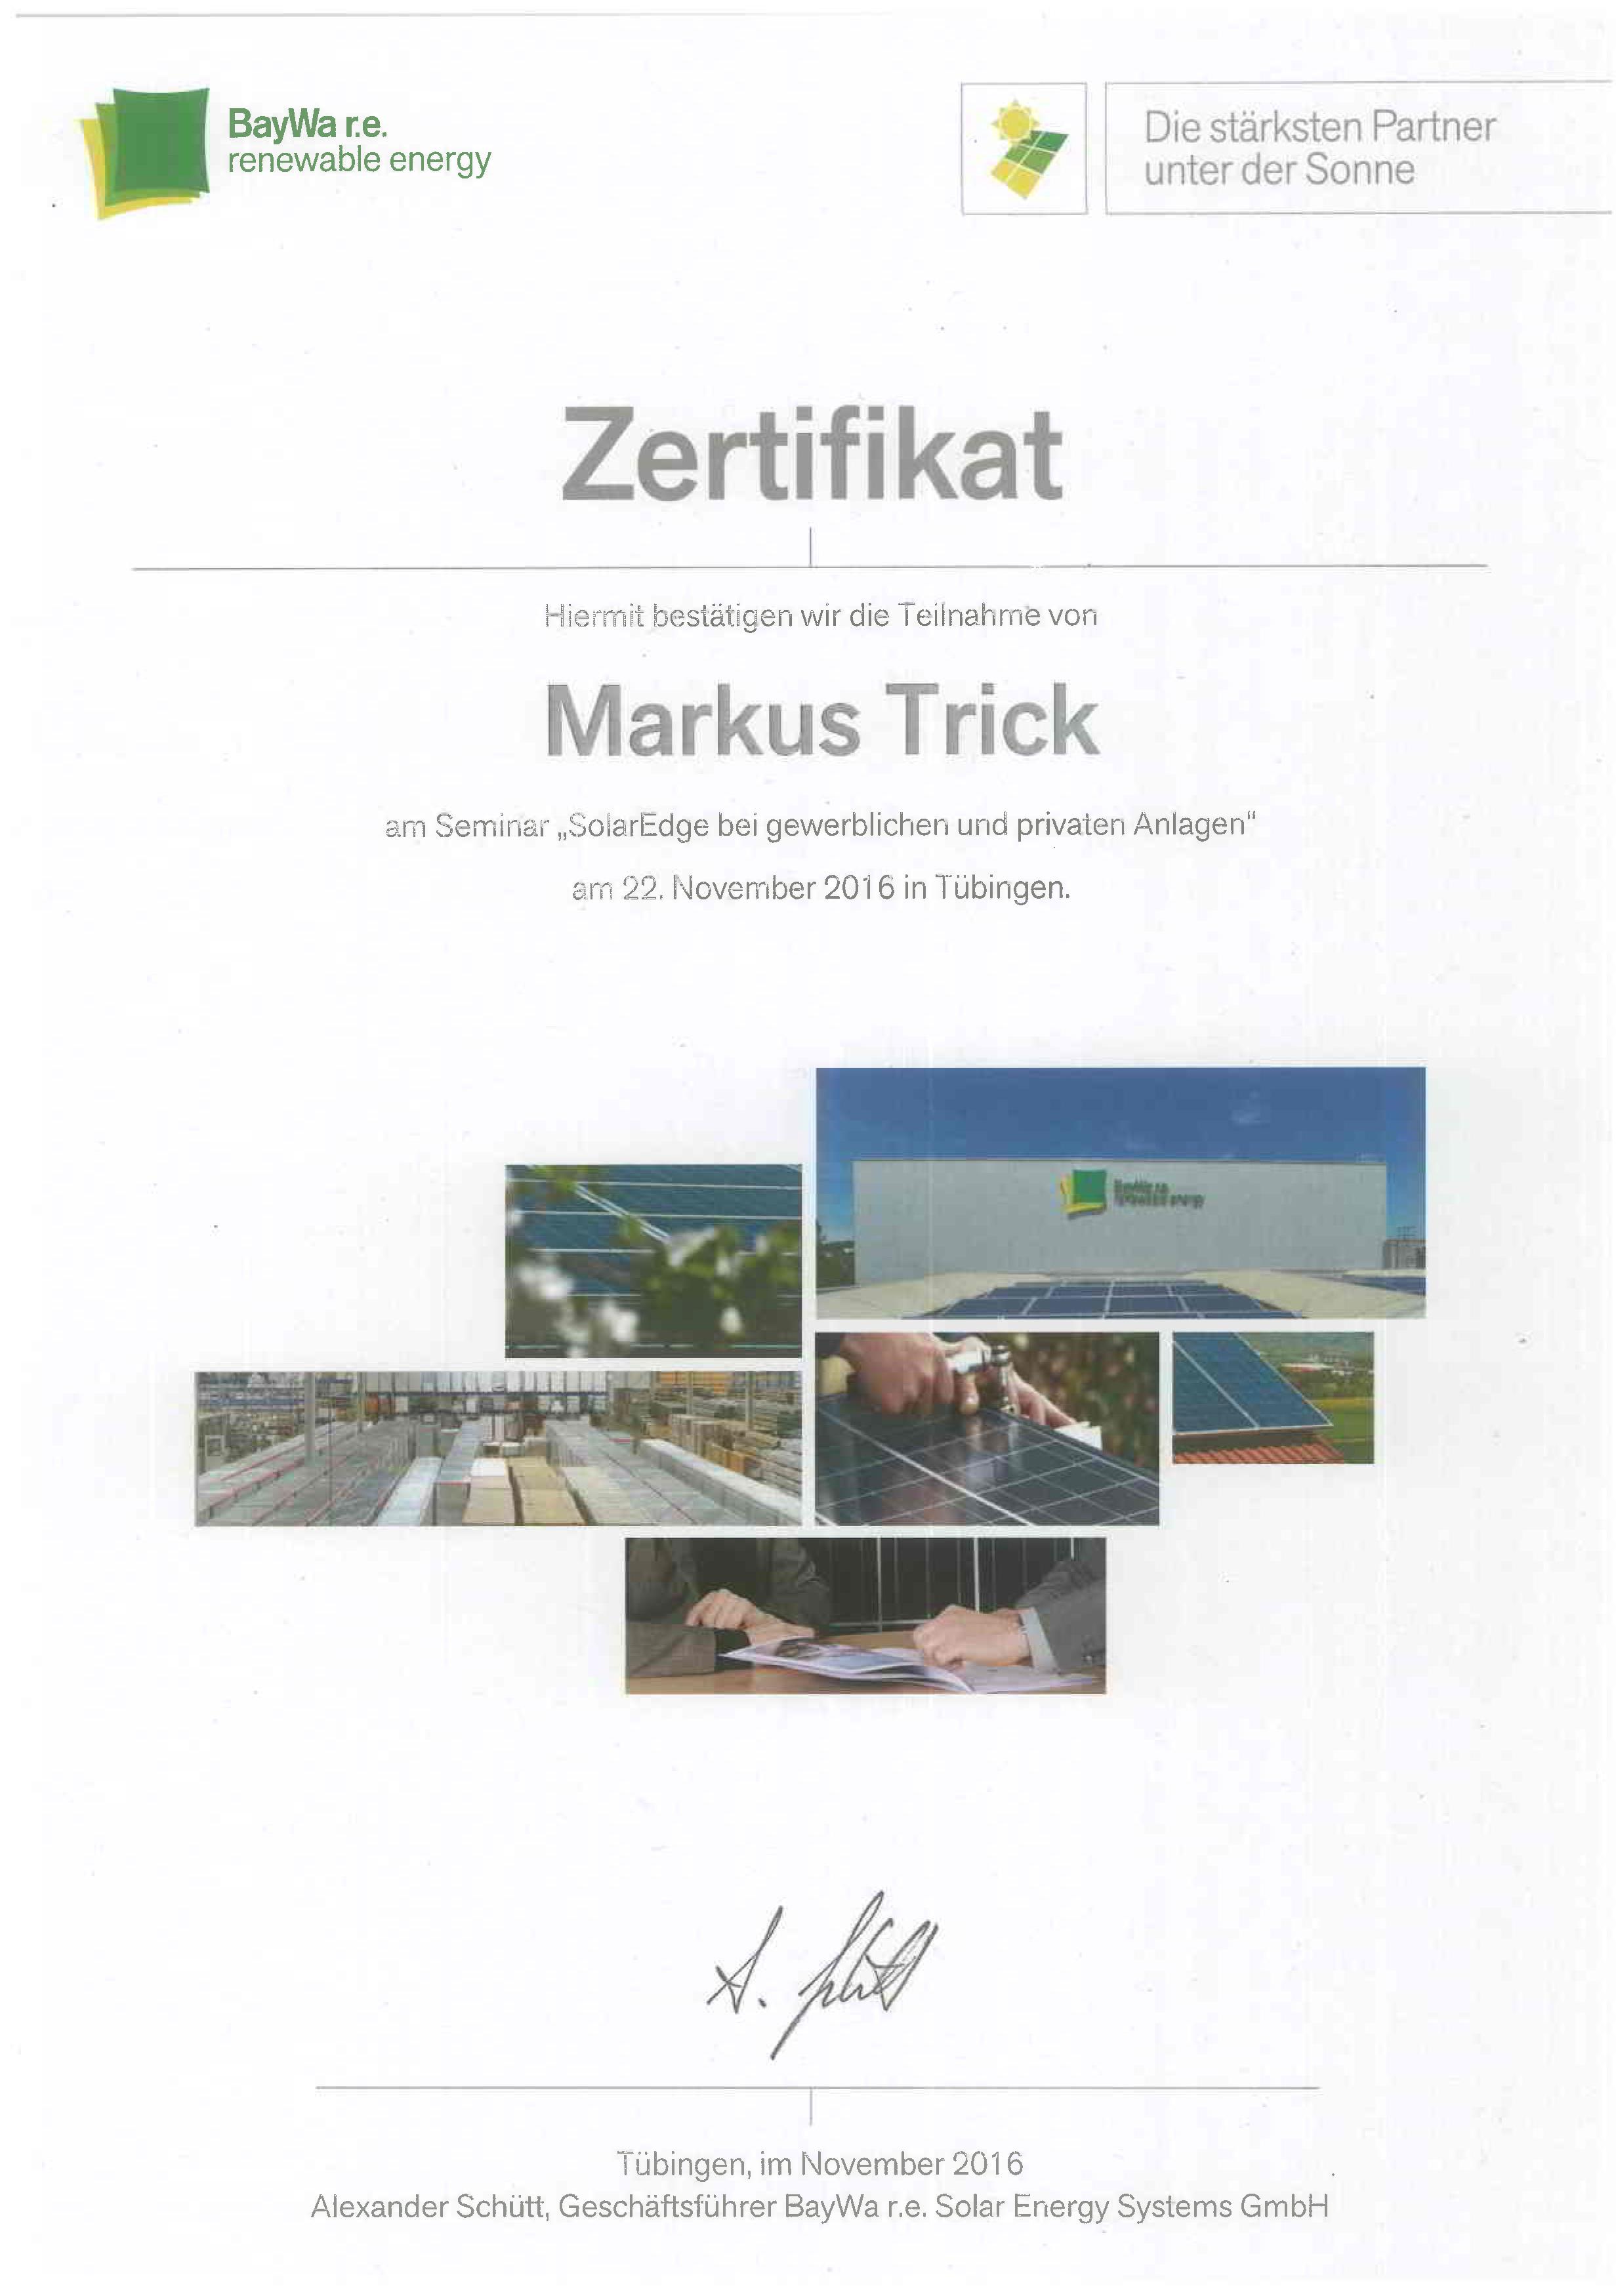 Zertifikat - SolarEdge bei gewerblichen und privaten Photovoltaikanlagen - Markus Trick